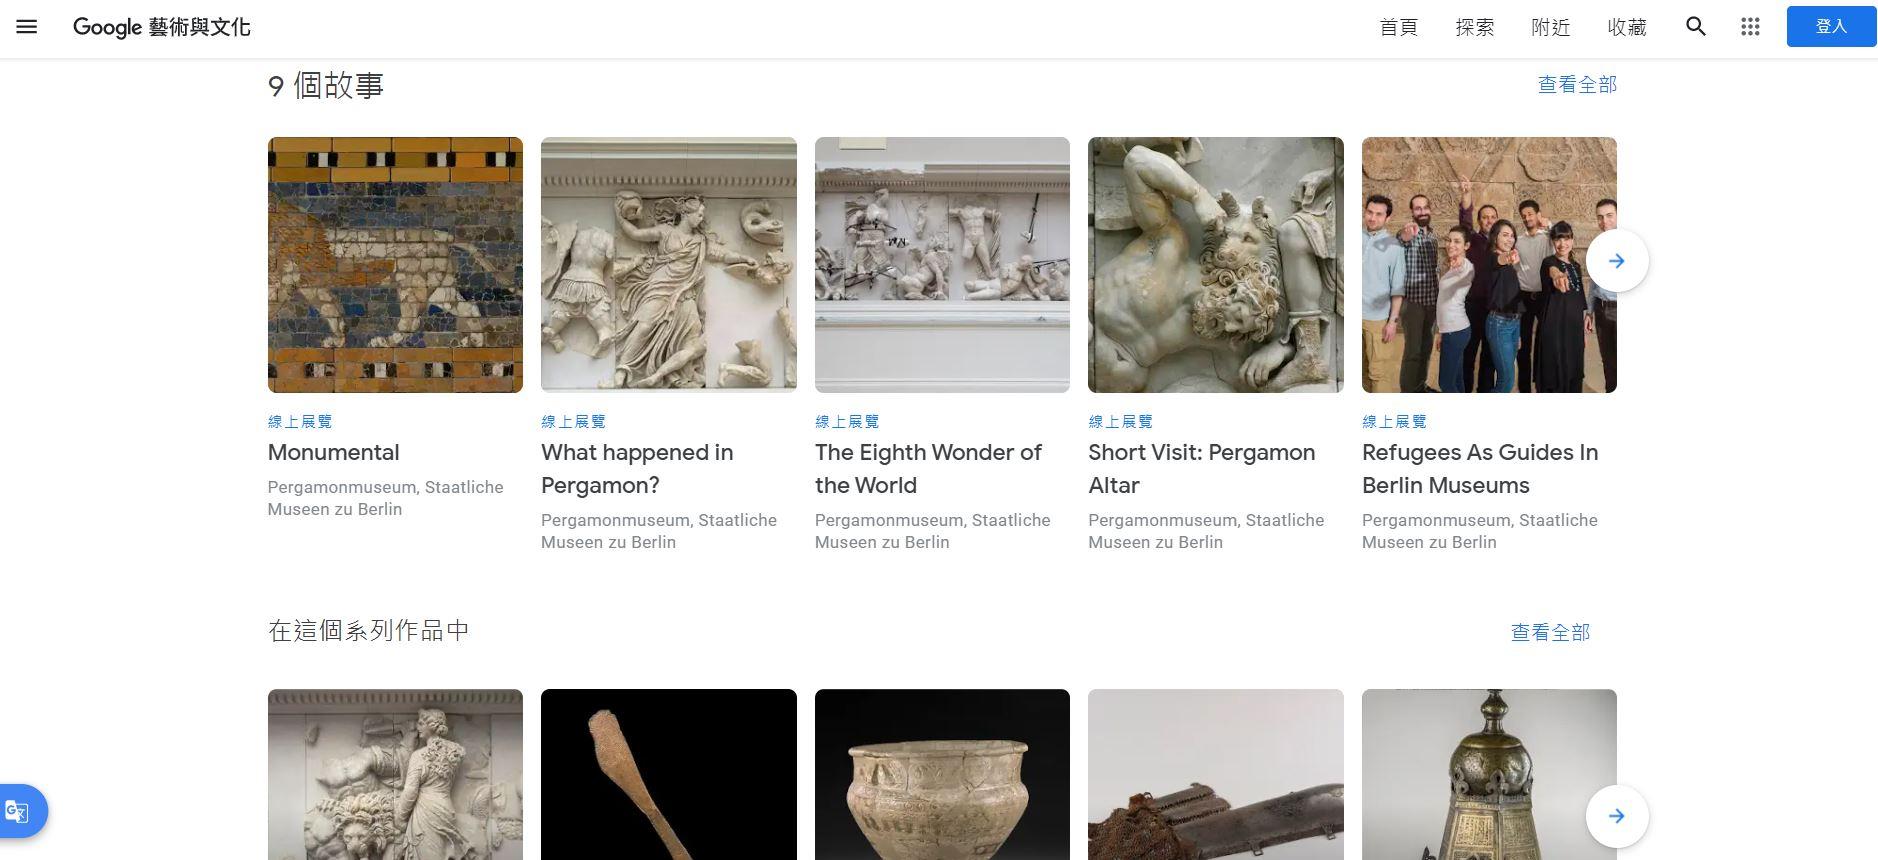 德國柏林博物館島佩加蒙博物館,佩加蒙博物館,Google Arts & Culture,Google 藝術與文化,虛擬實境美術館,線上博物館,線上展覽,線上美術館,柏林博物館